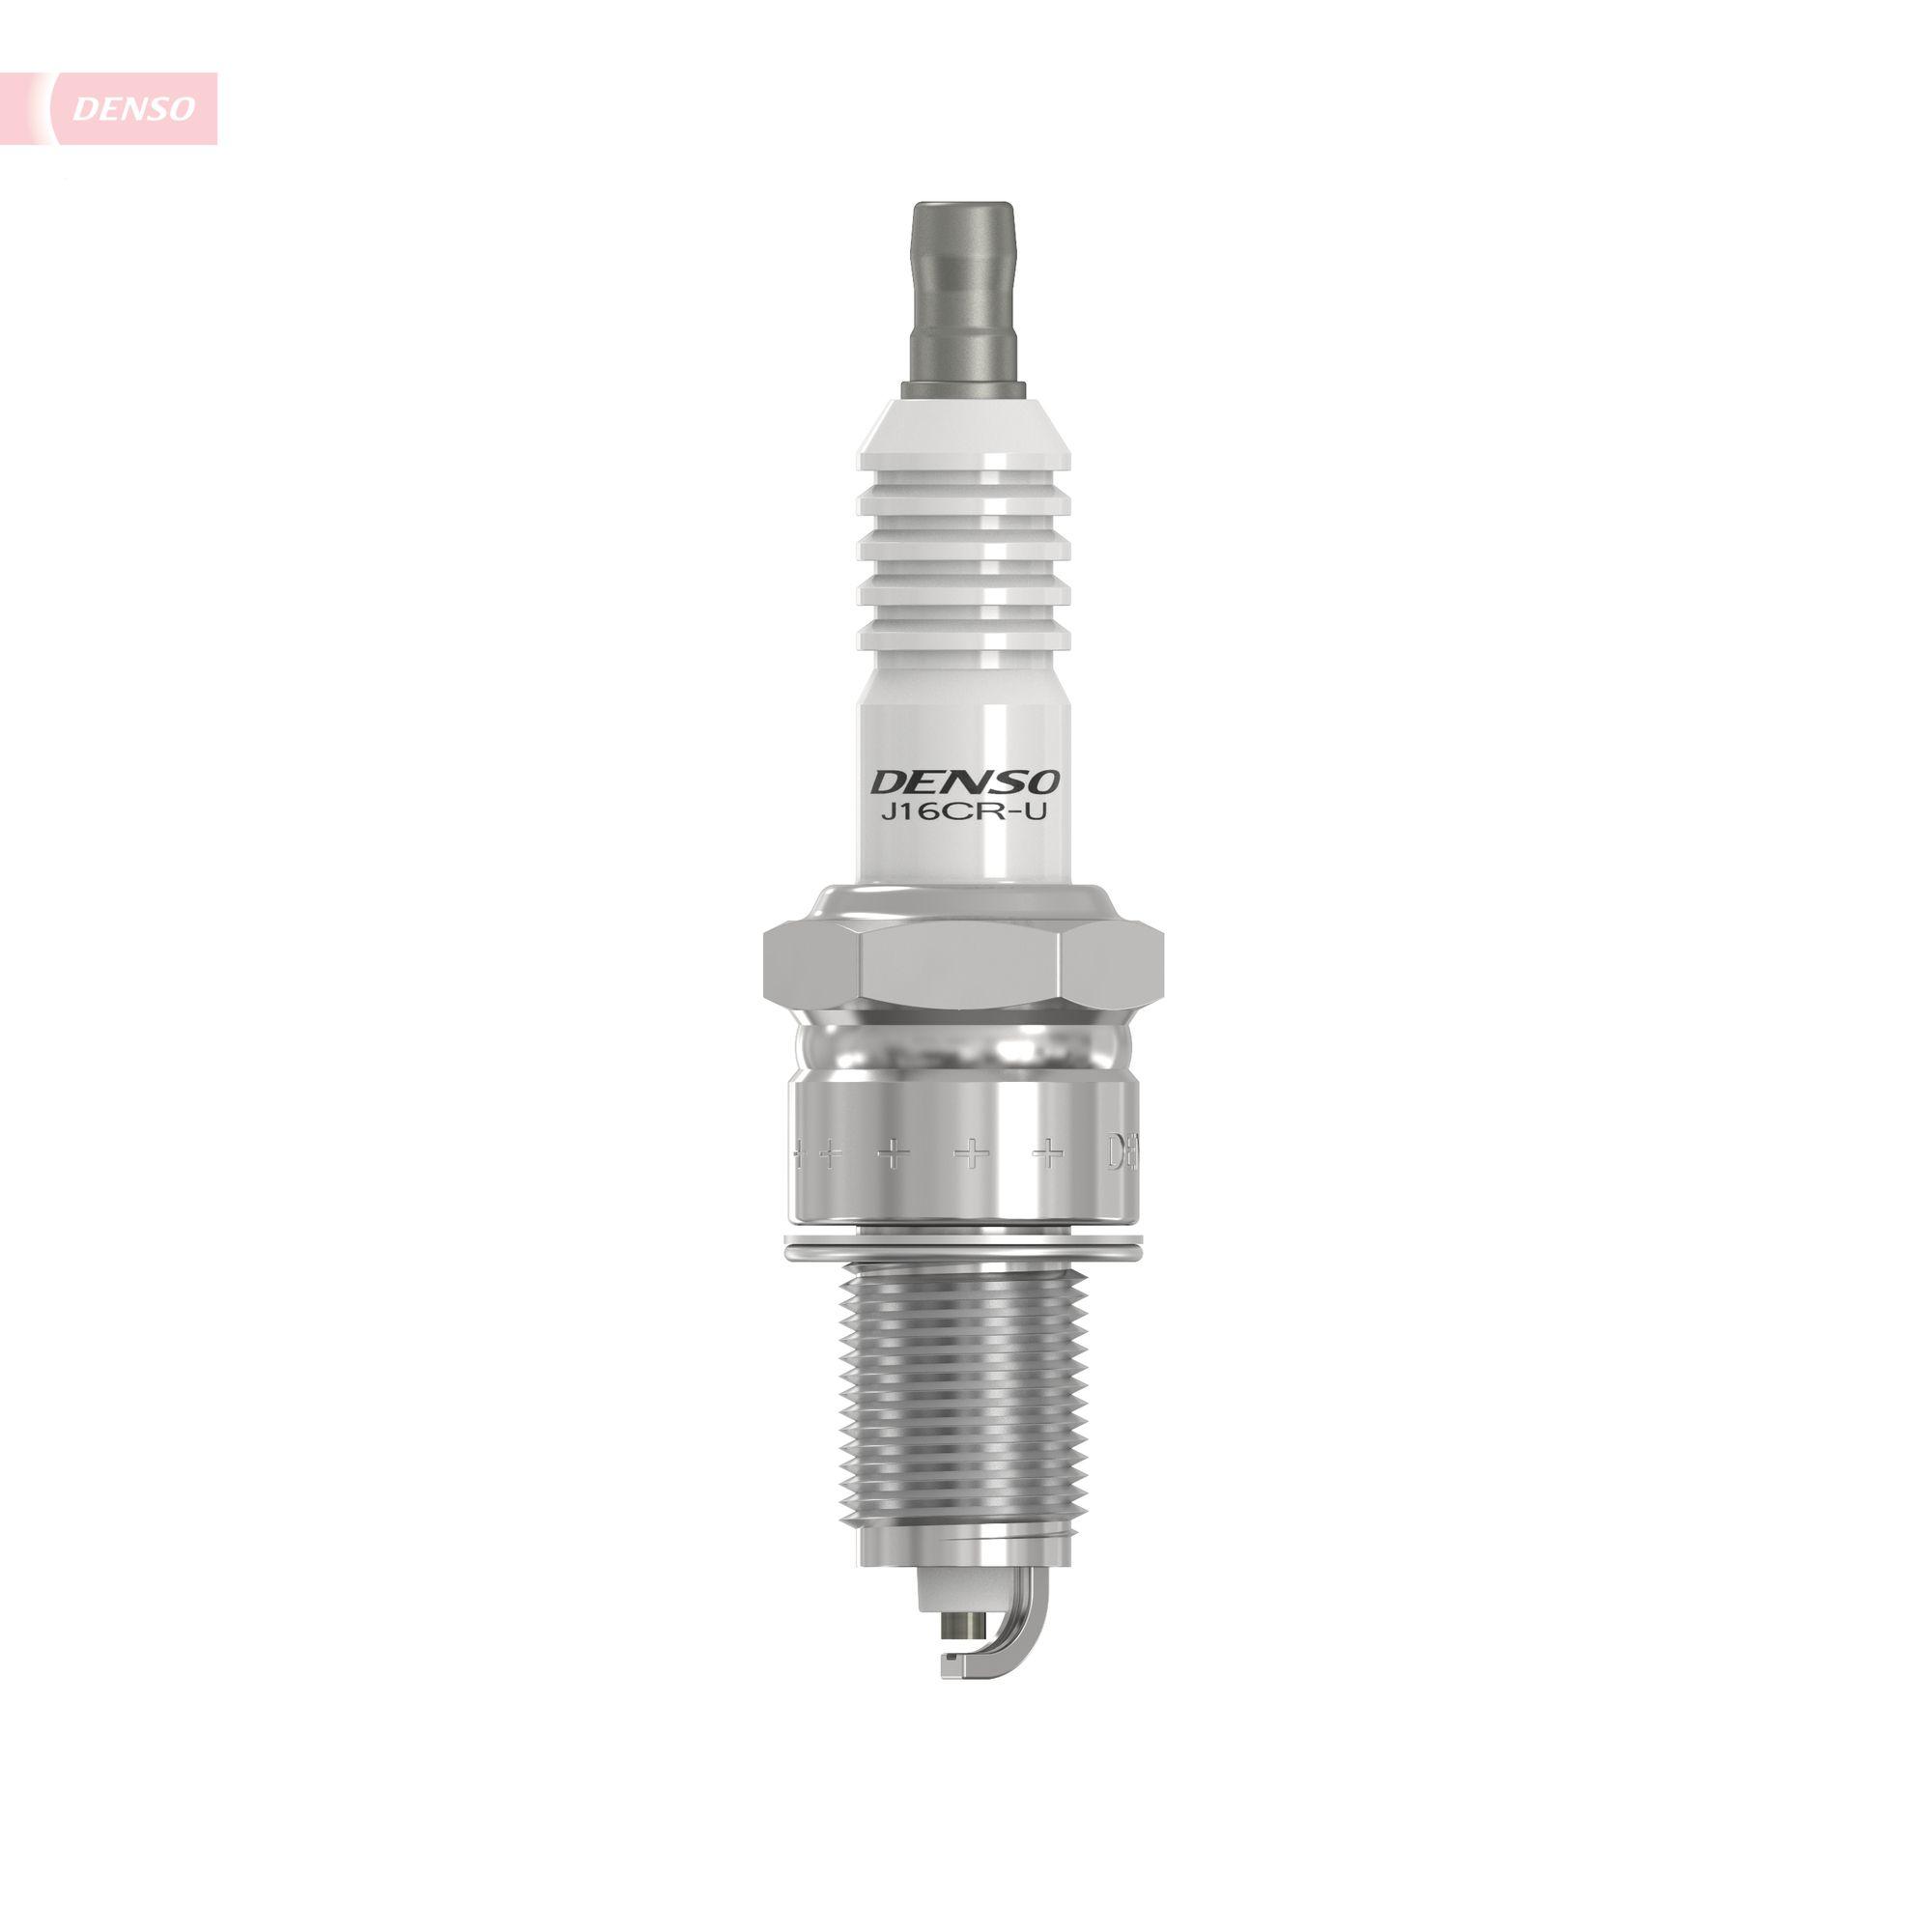 Μπουζί J16CR-U DENSO D15 Γνήσια ποιότητας